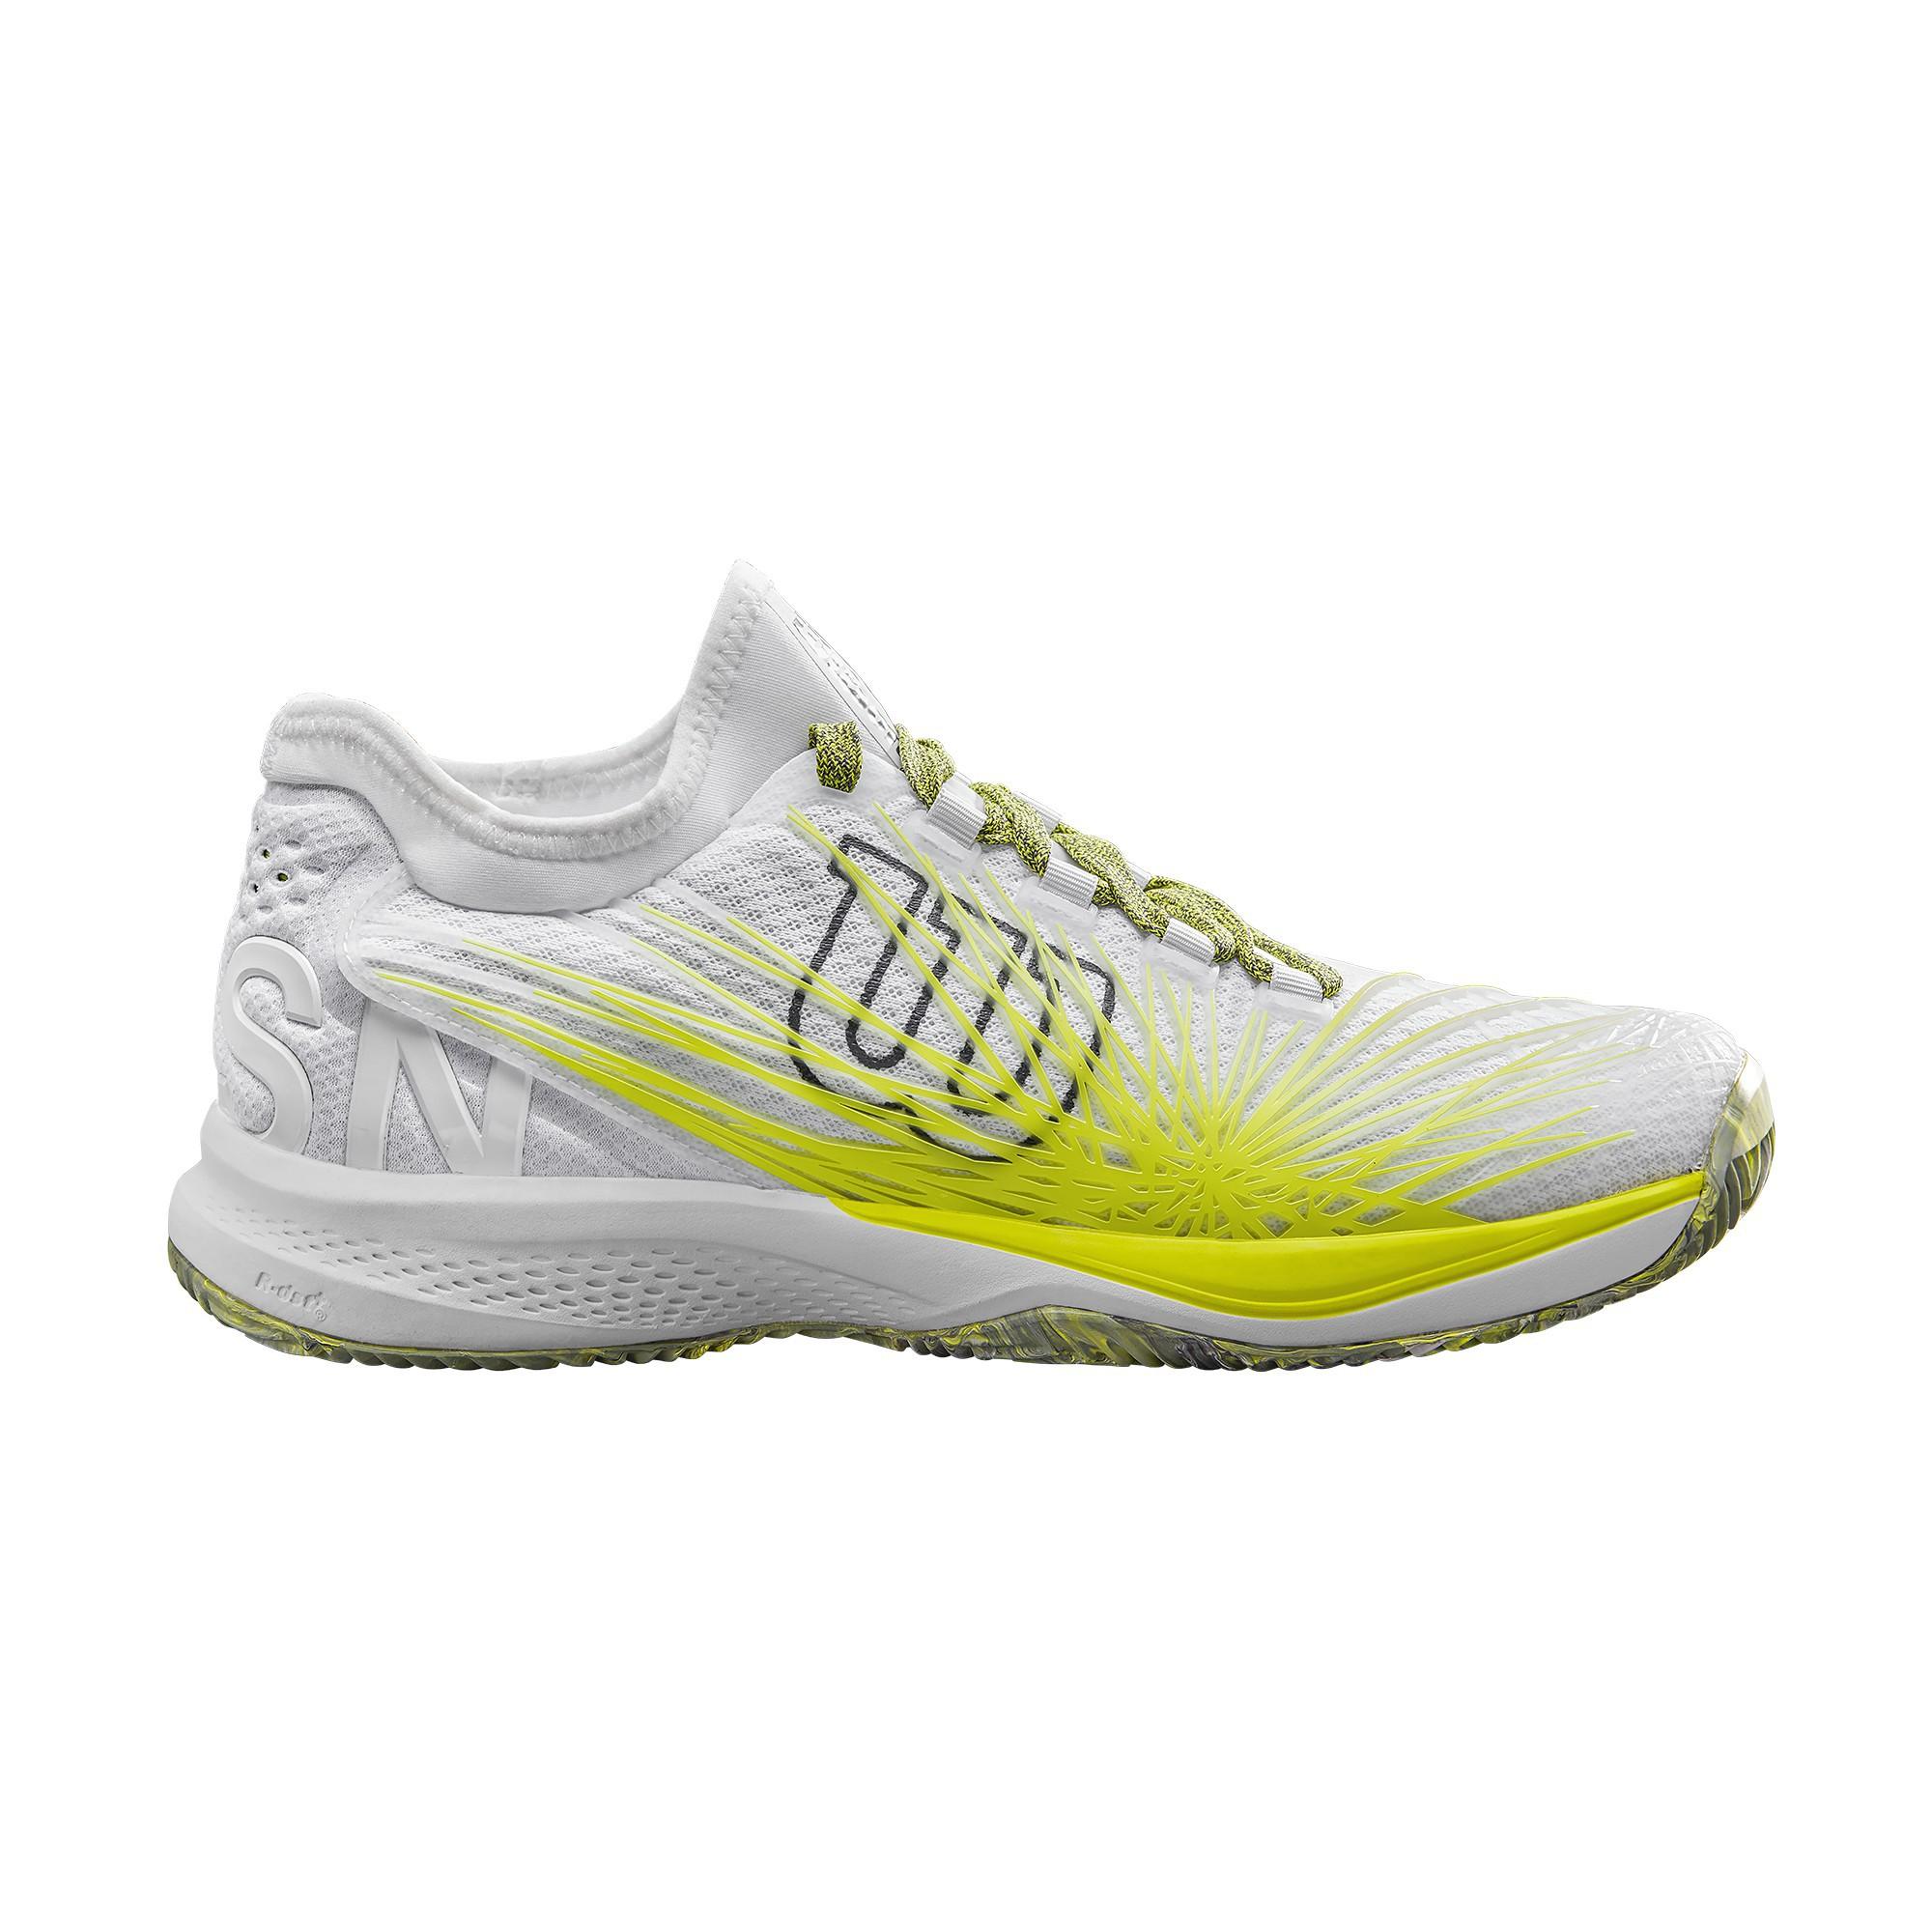 4e37d92eac3 Zapatilla Padel Tenis Wilson Kaos 2.0 Sft Clay Blanca Hombre - Deportes Moya